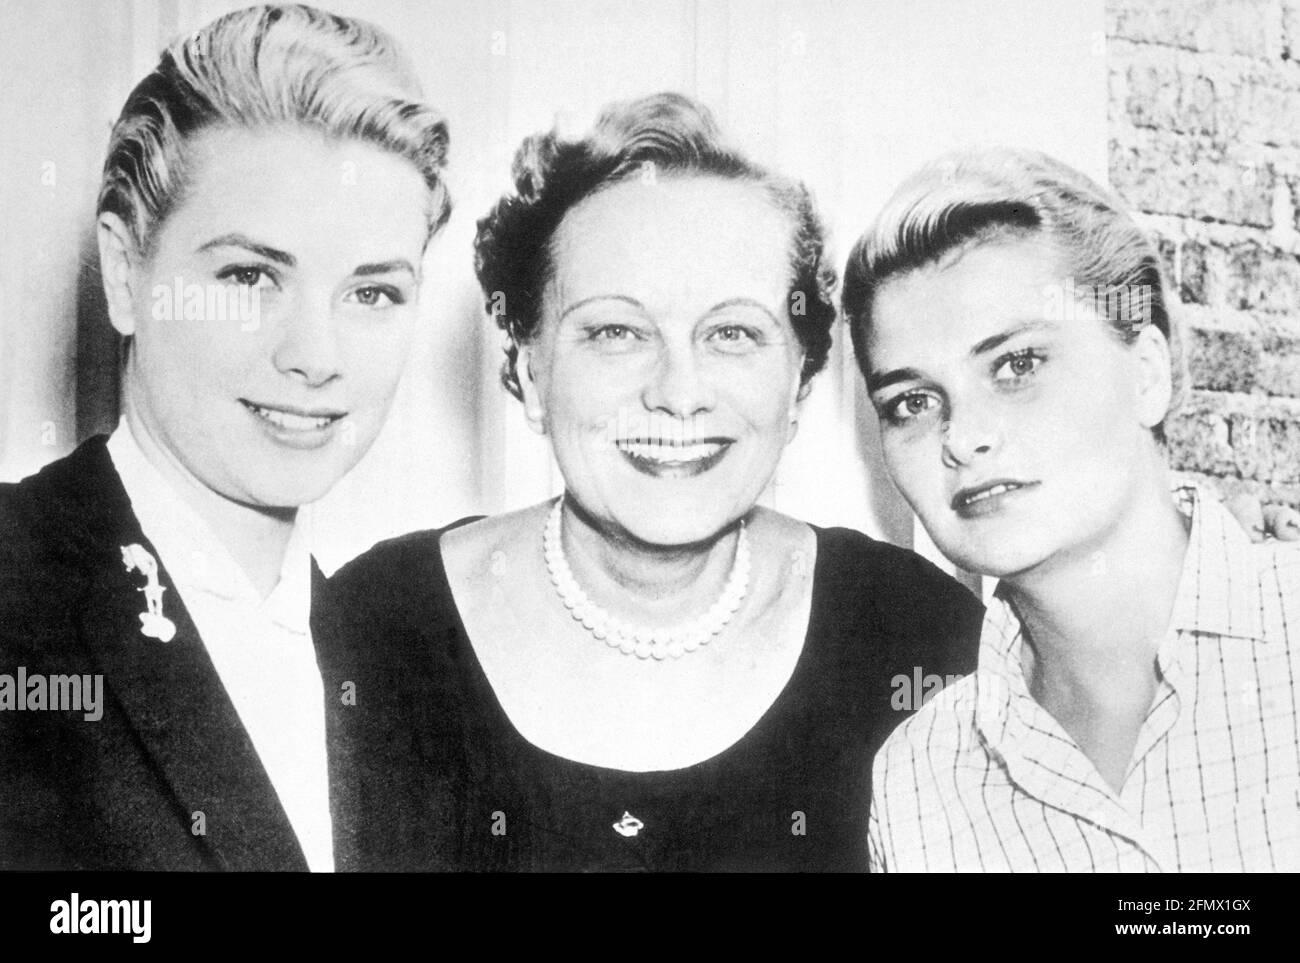 Kelly, Grace, 12.11.1929 -14.9.1982, actrice américaine, avec sa sœur, Et sa mère, DROITS-SUPPLÉMENTAIRES-AUTORISATION-INFO-NON-DISPONIBLE Banque D'Images